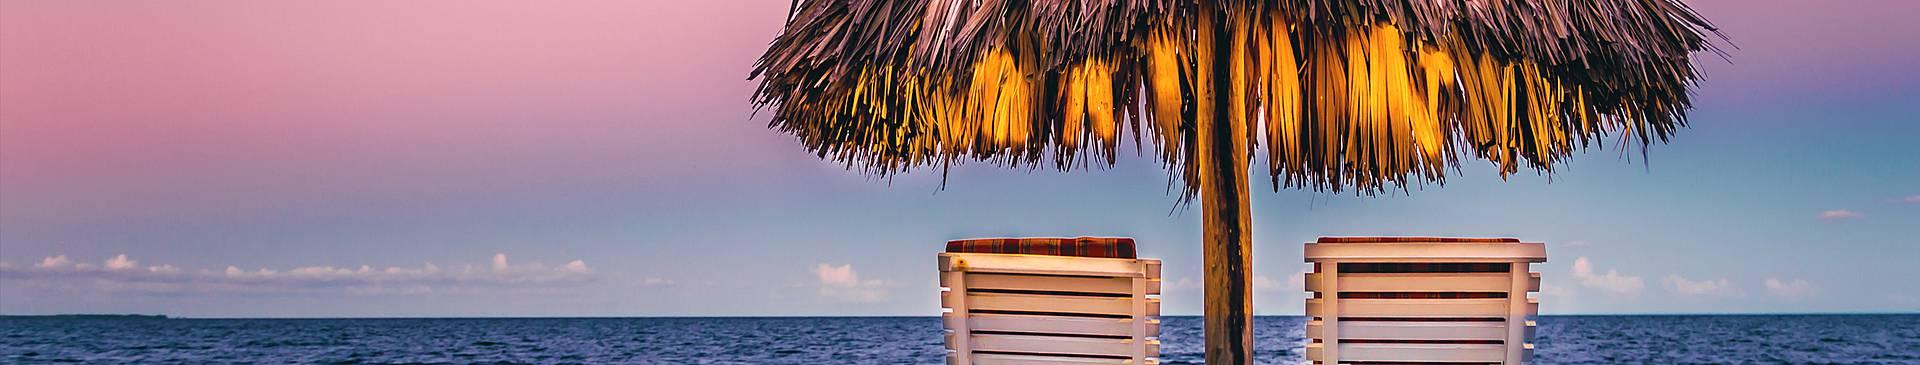 Voyage de noces à Belize